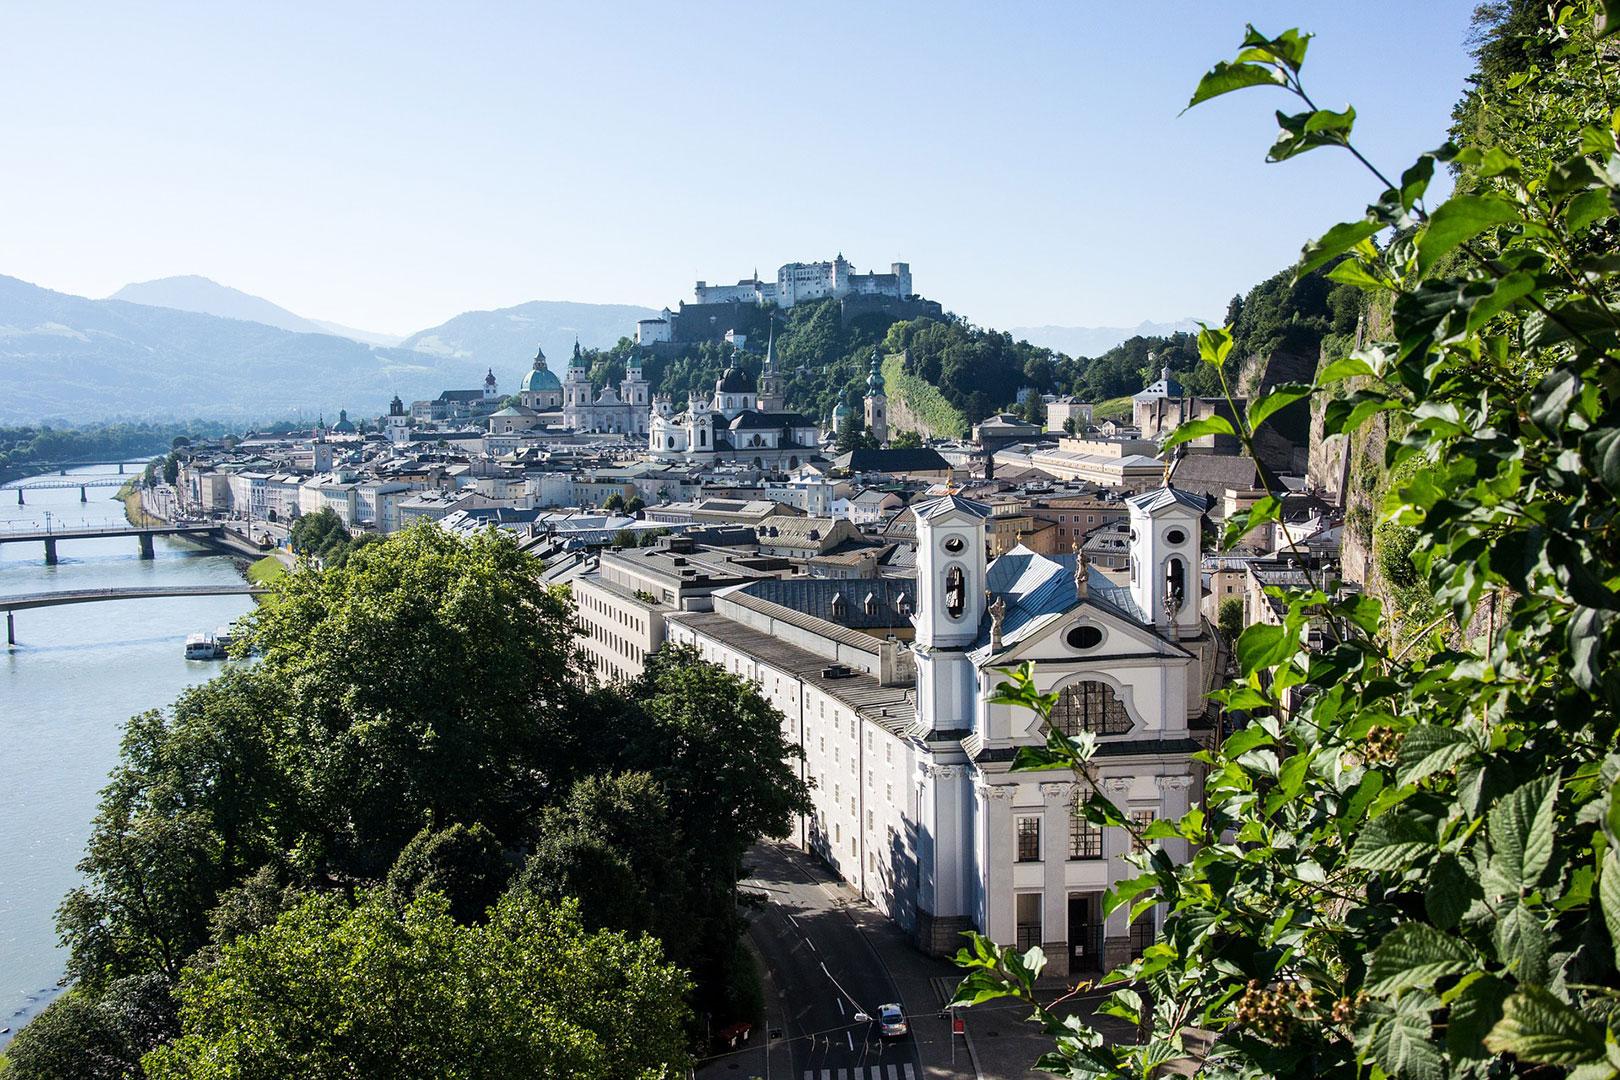 das schöne Ausflugsziel Salzburg entdecken und erleben